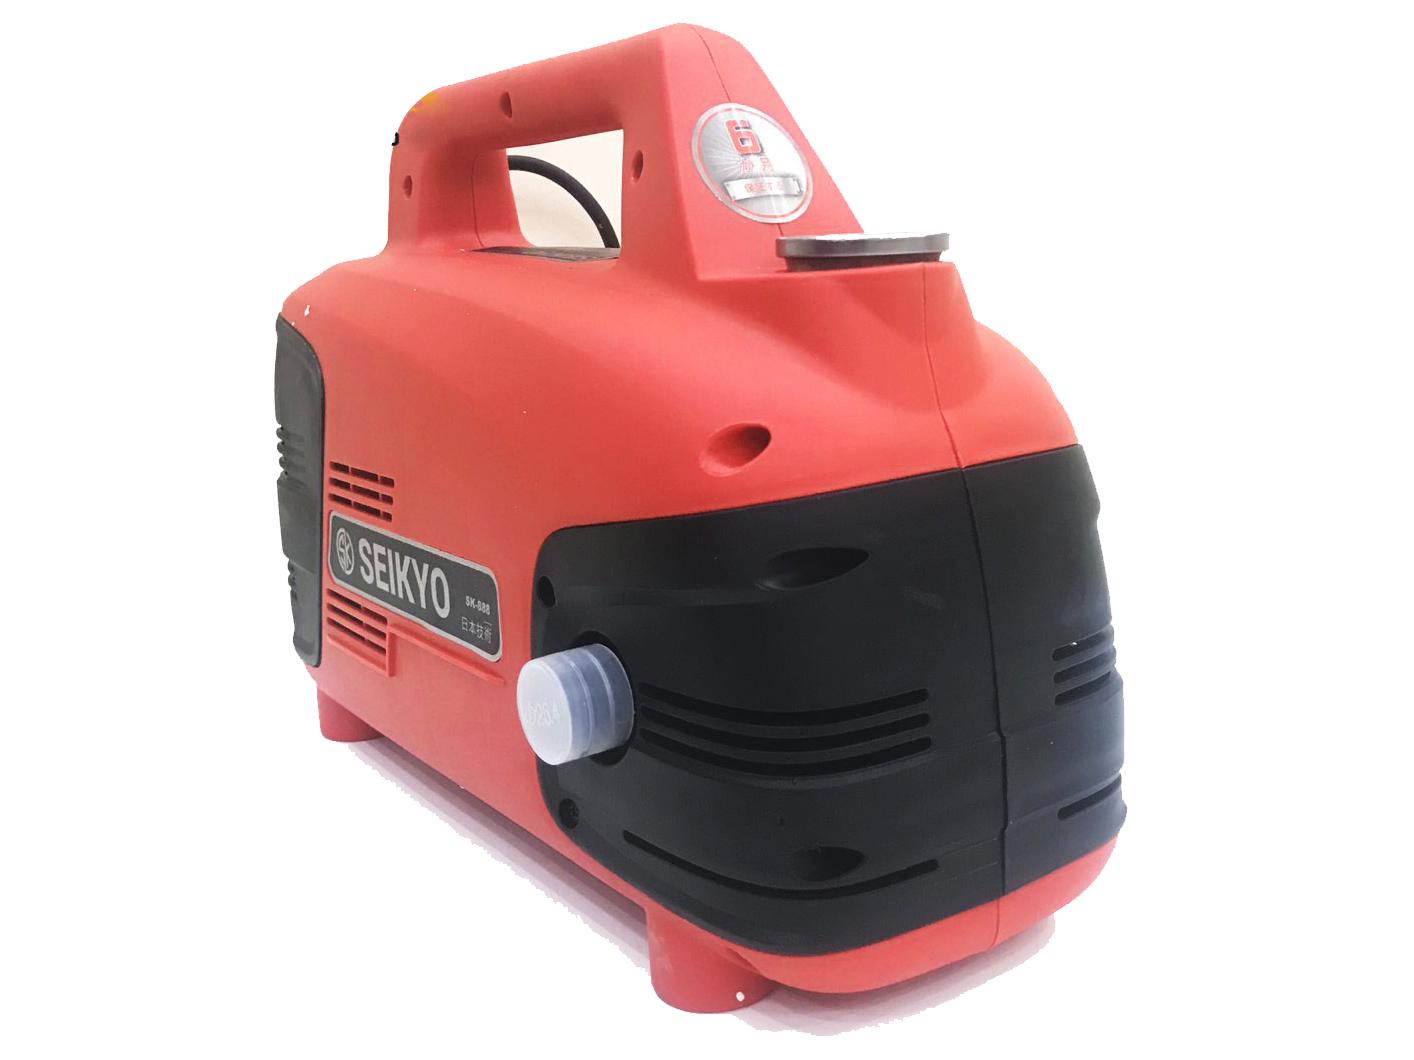 máy rửa xe Seikyo SK-888